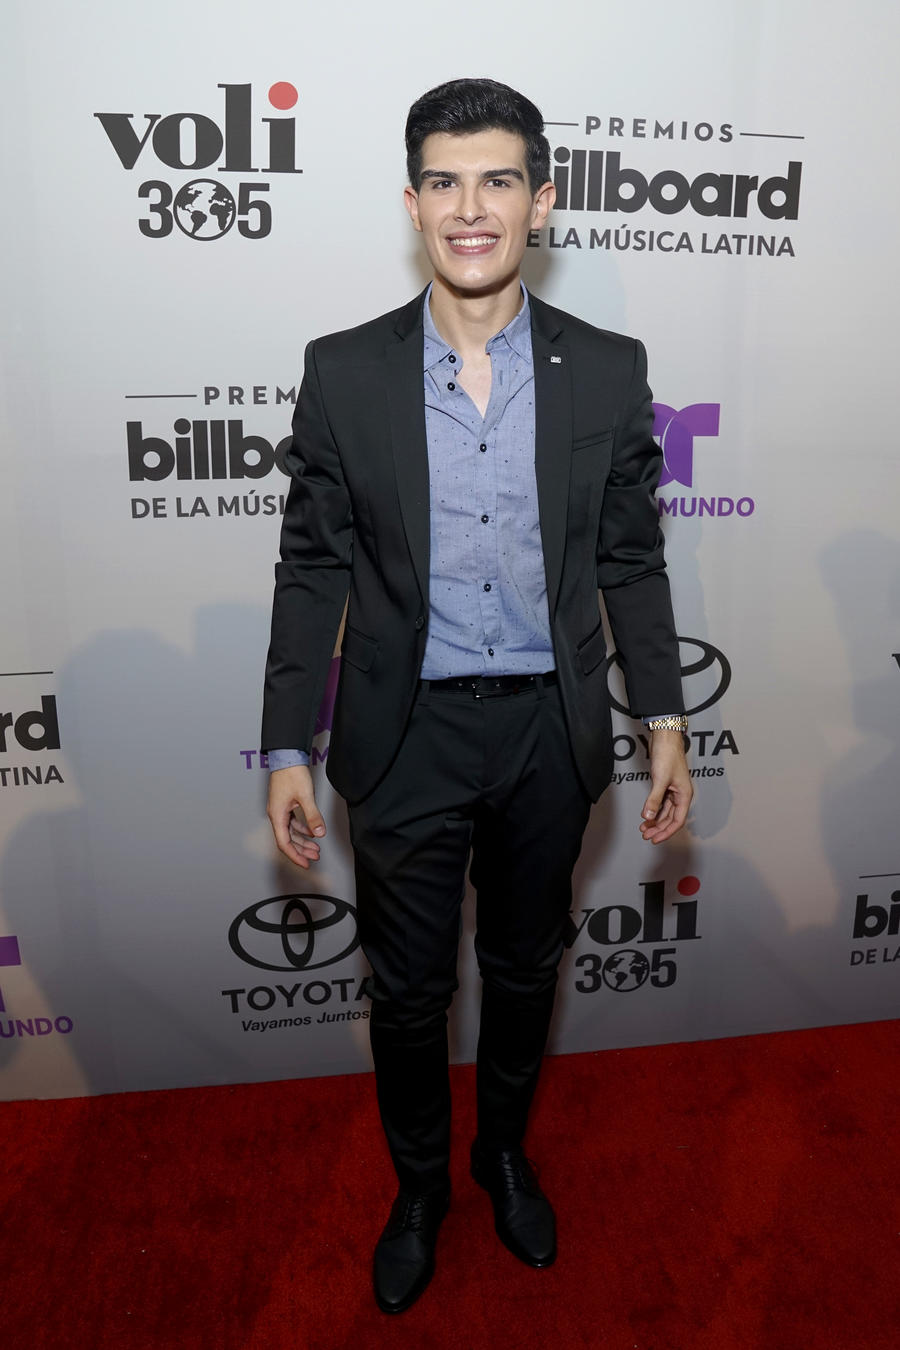 Adriel Favela en el anuncio de finalistas a Premios Billboard 2017